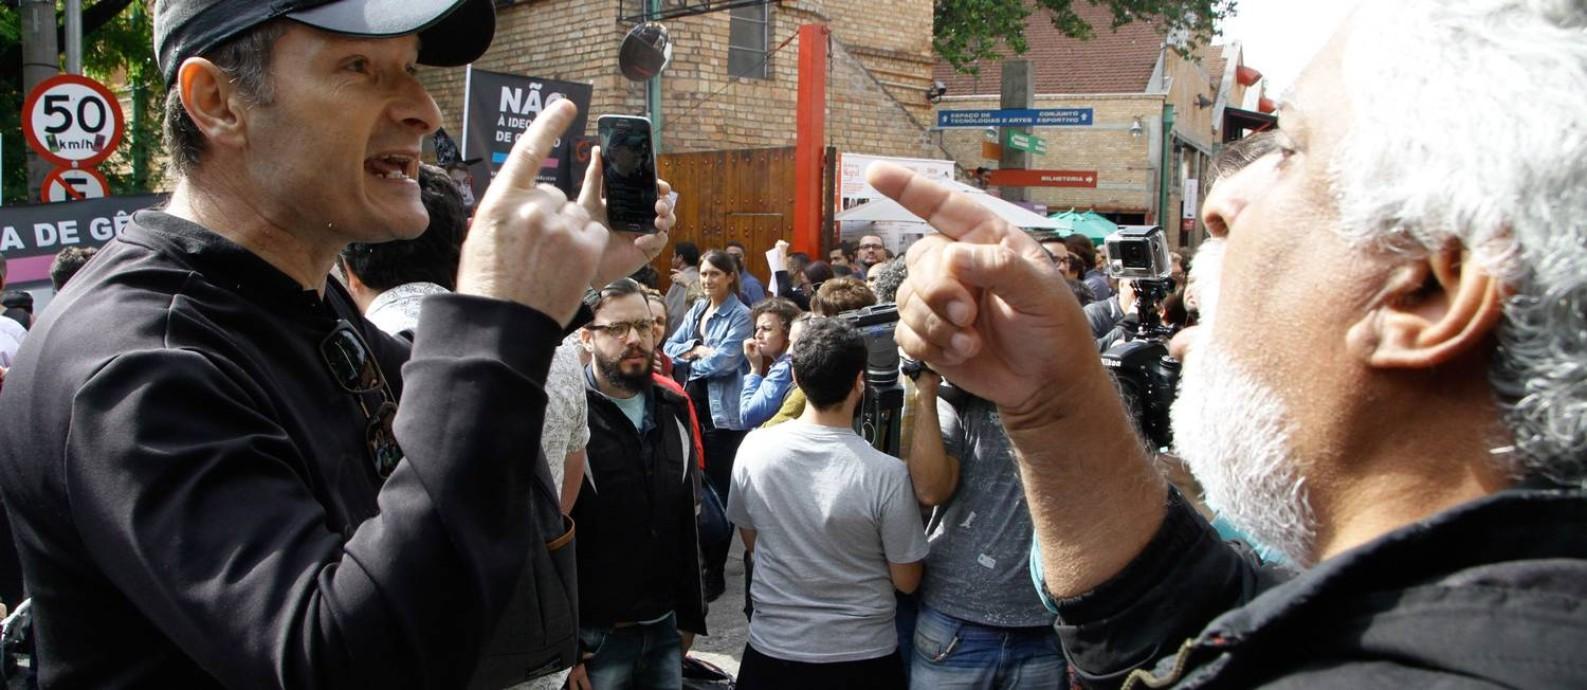 Manifestantes contra e a favor das obras da artista Judith Butler protestam em frente ao Sesc Pompeia na manhã dessa terça-feira (07) Foto: Fábio Vieira / Agência O Globo